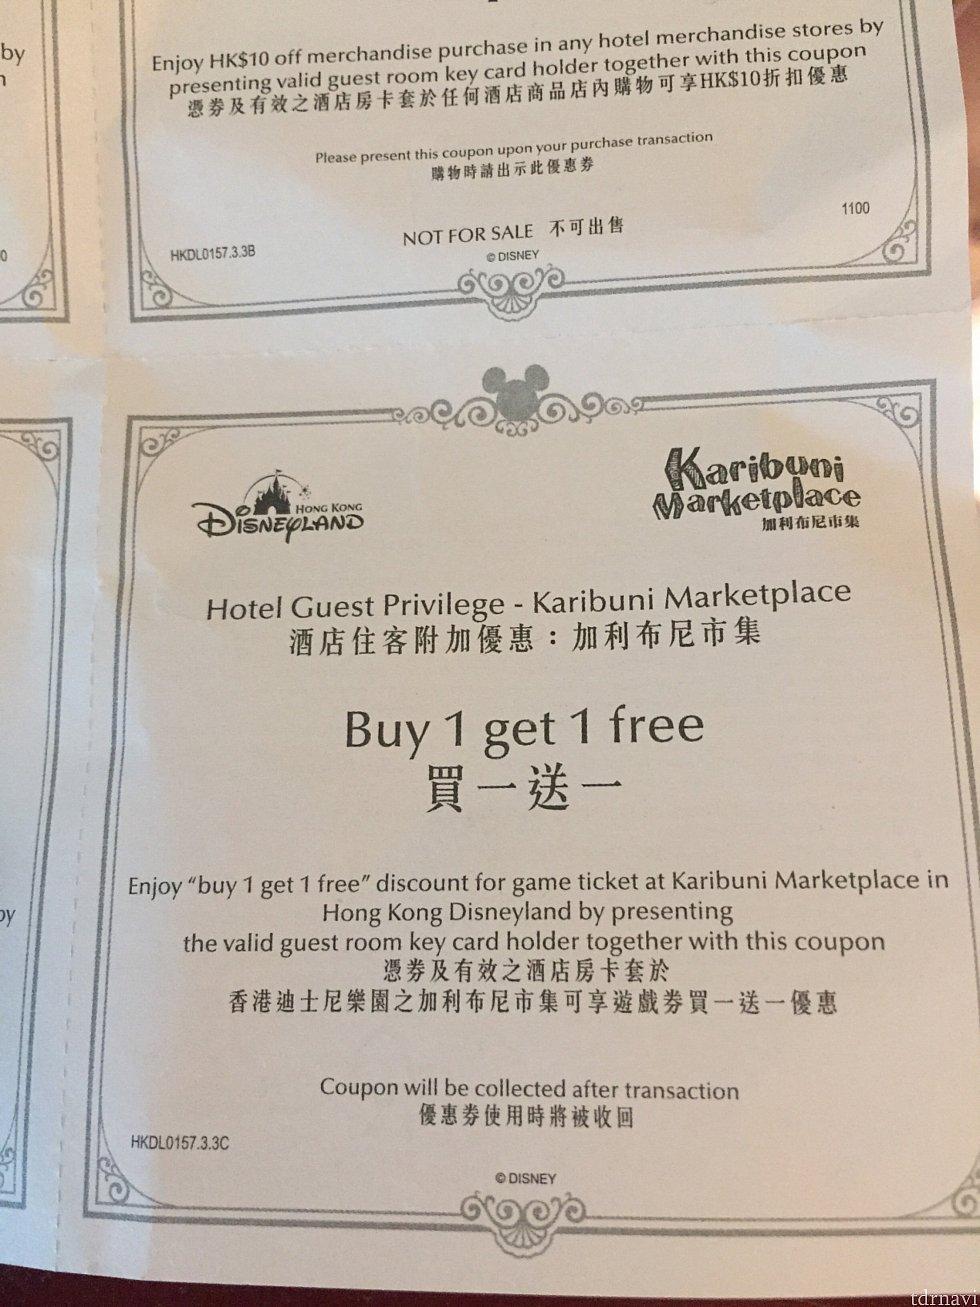 ベッドサイドに毎日配布されるクーポンにはひとつ、異なるクーポンがついてきます。 アドベンチャーランドのKaribuni Marketplaceの『buy 1 get 1 free』のクーポン!